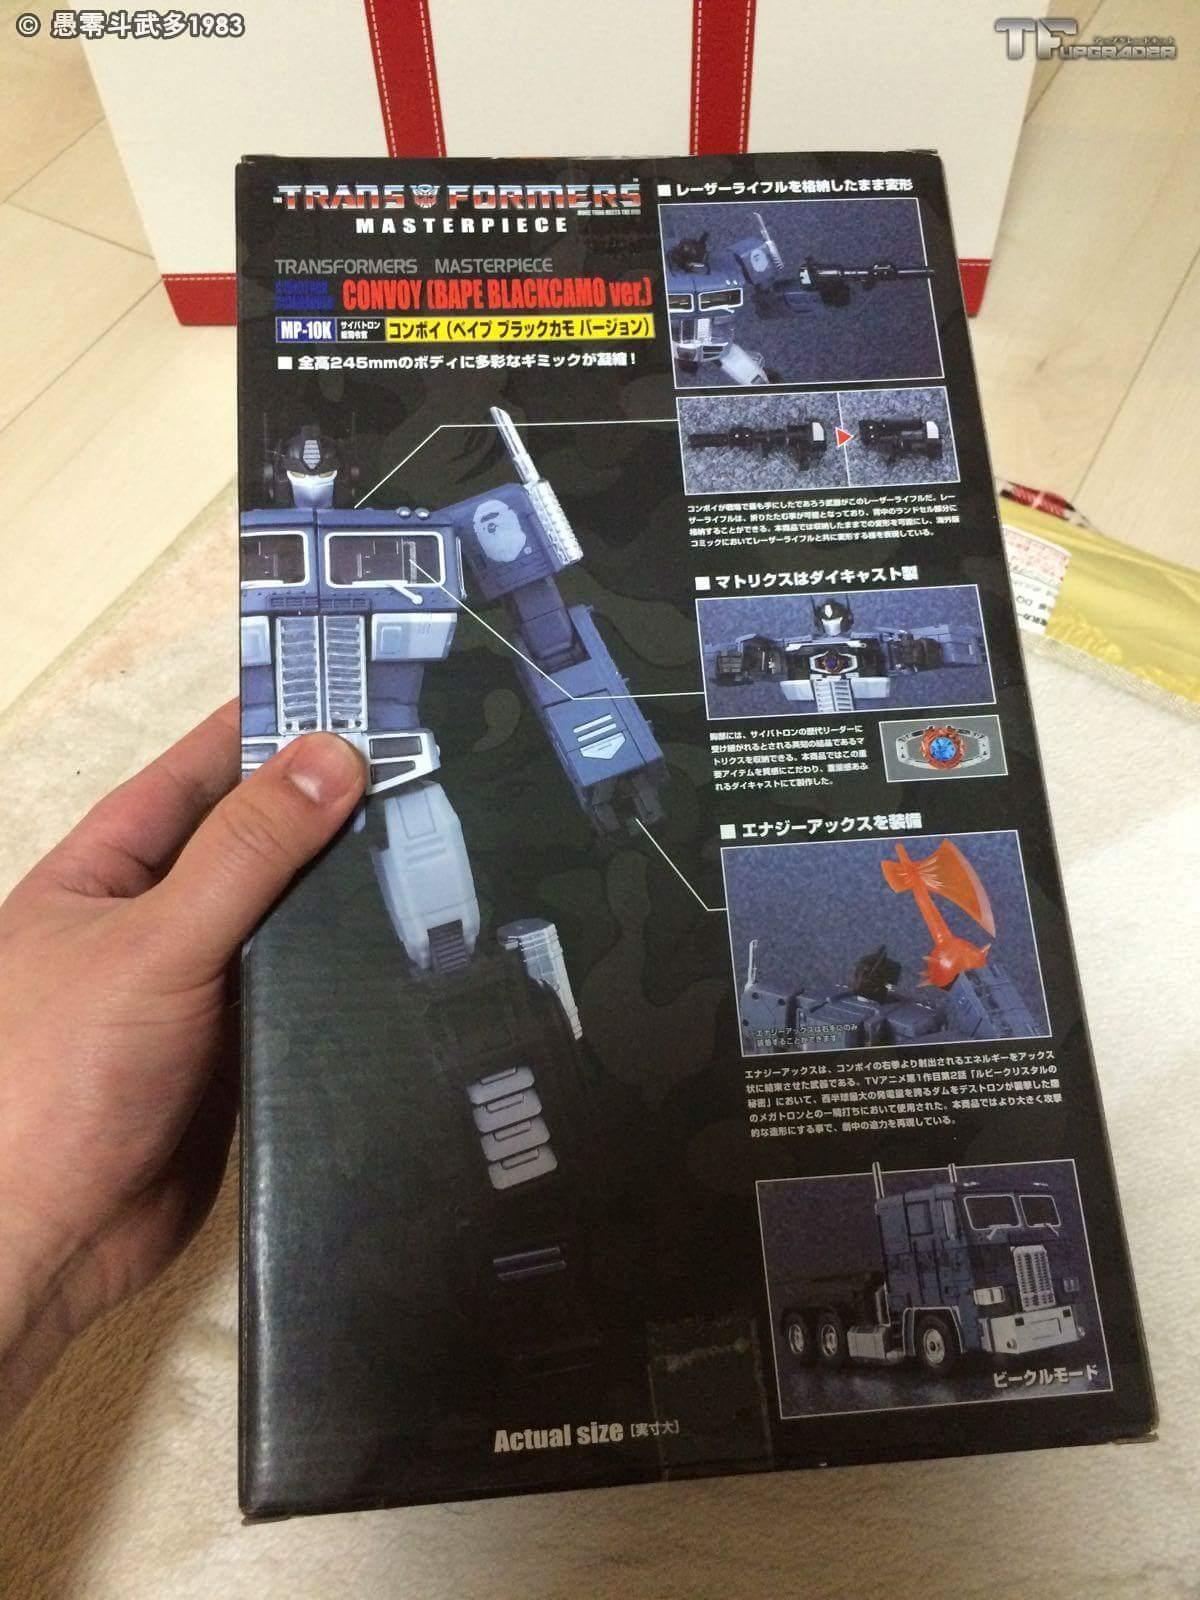 [Masterpiece] MP-10B | MP-10A | MP-10R | MP-10SG | MP-10K | MP-711 | MP-10G | MP-10 ASL ― Convoy (Optimus Prime/Optimus Primus) - Page 5 N1cD3P8S